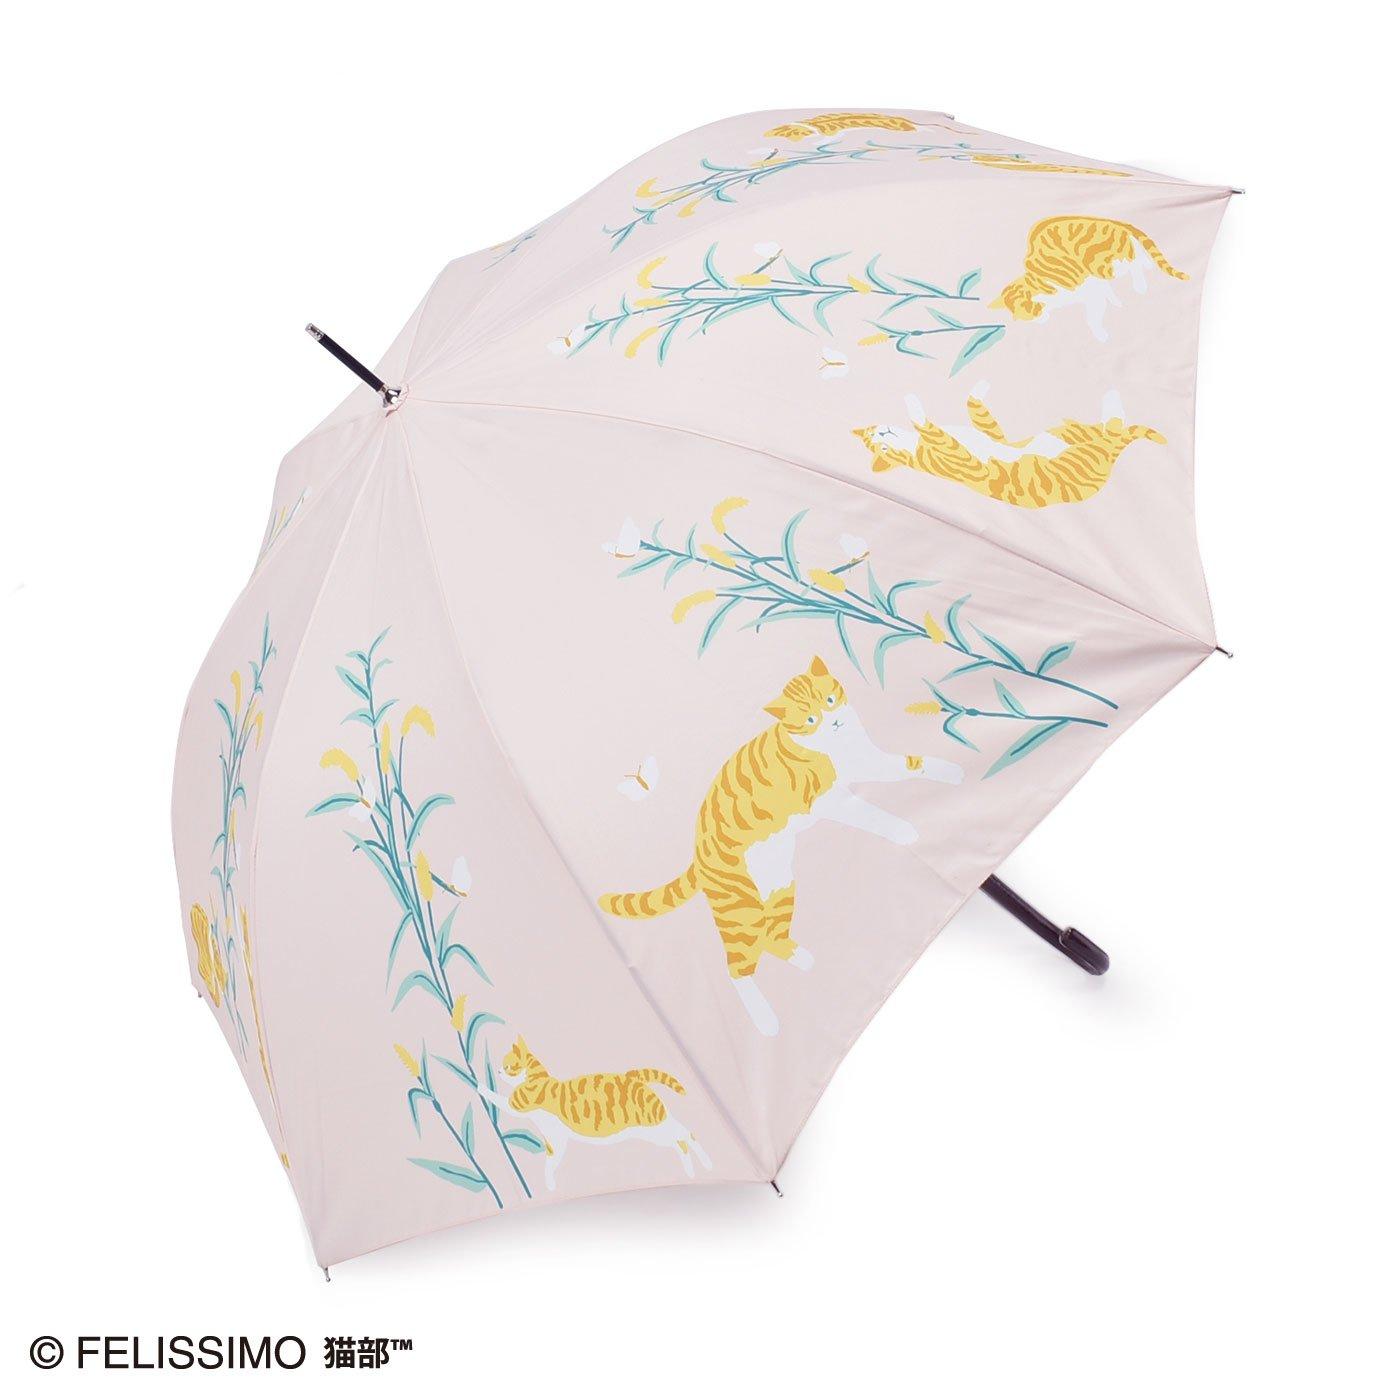 【大物配送】茶トラ猫と猫じゃらしの傘